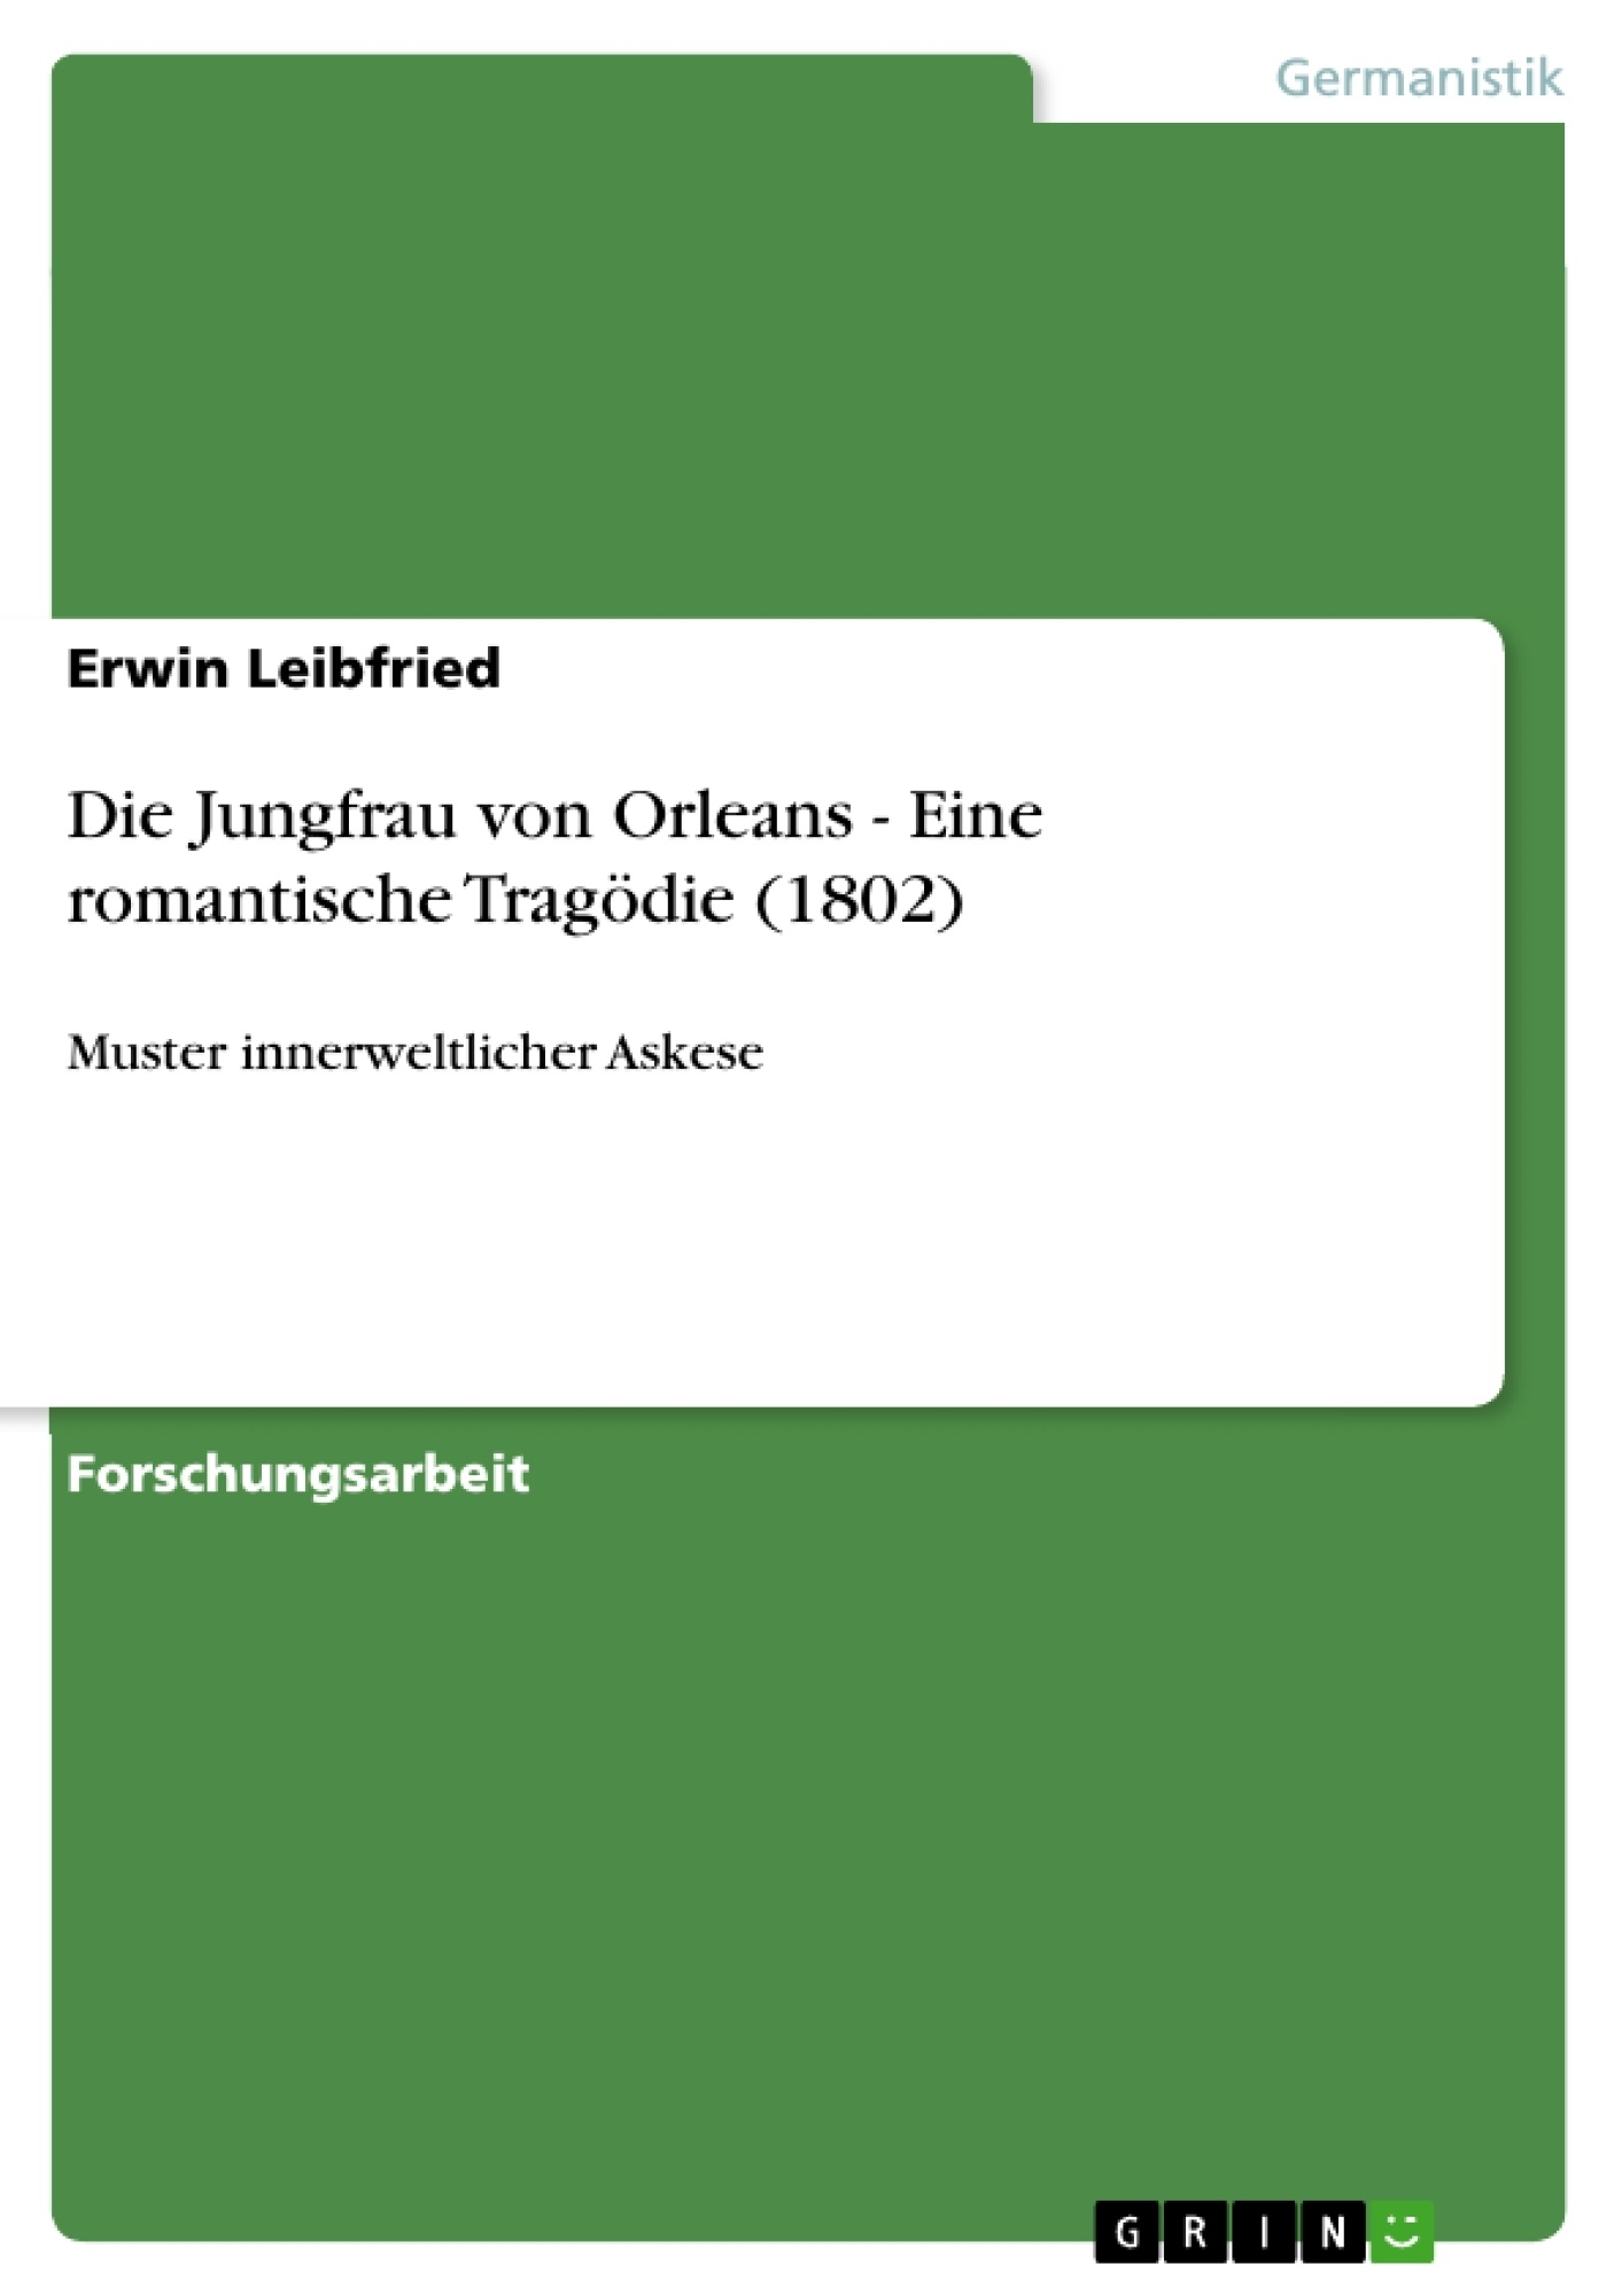 Titel: Die Jungfrau von Orleans - Eine romantische Tragödie (1802)